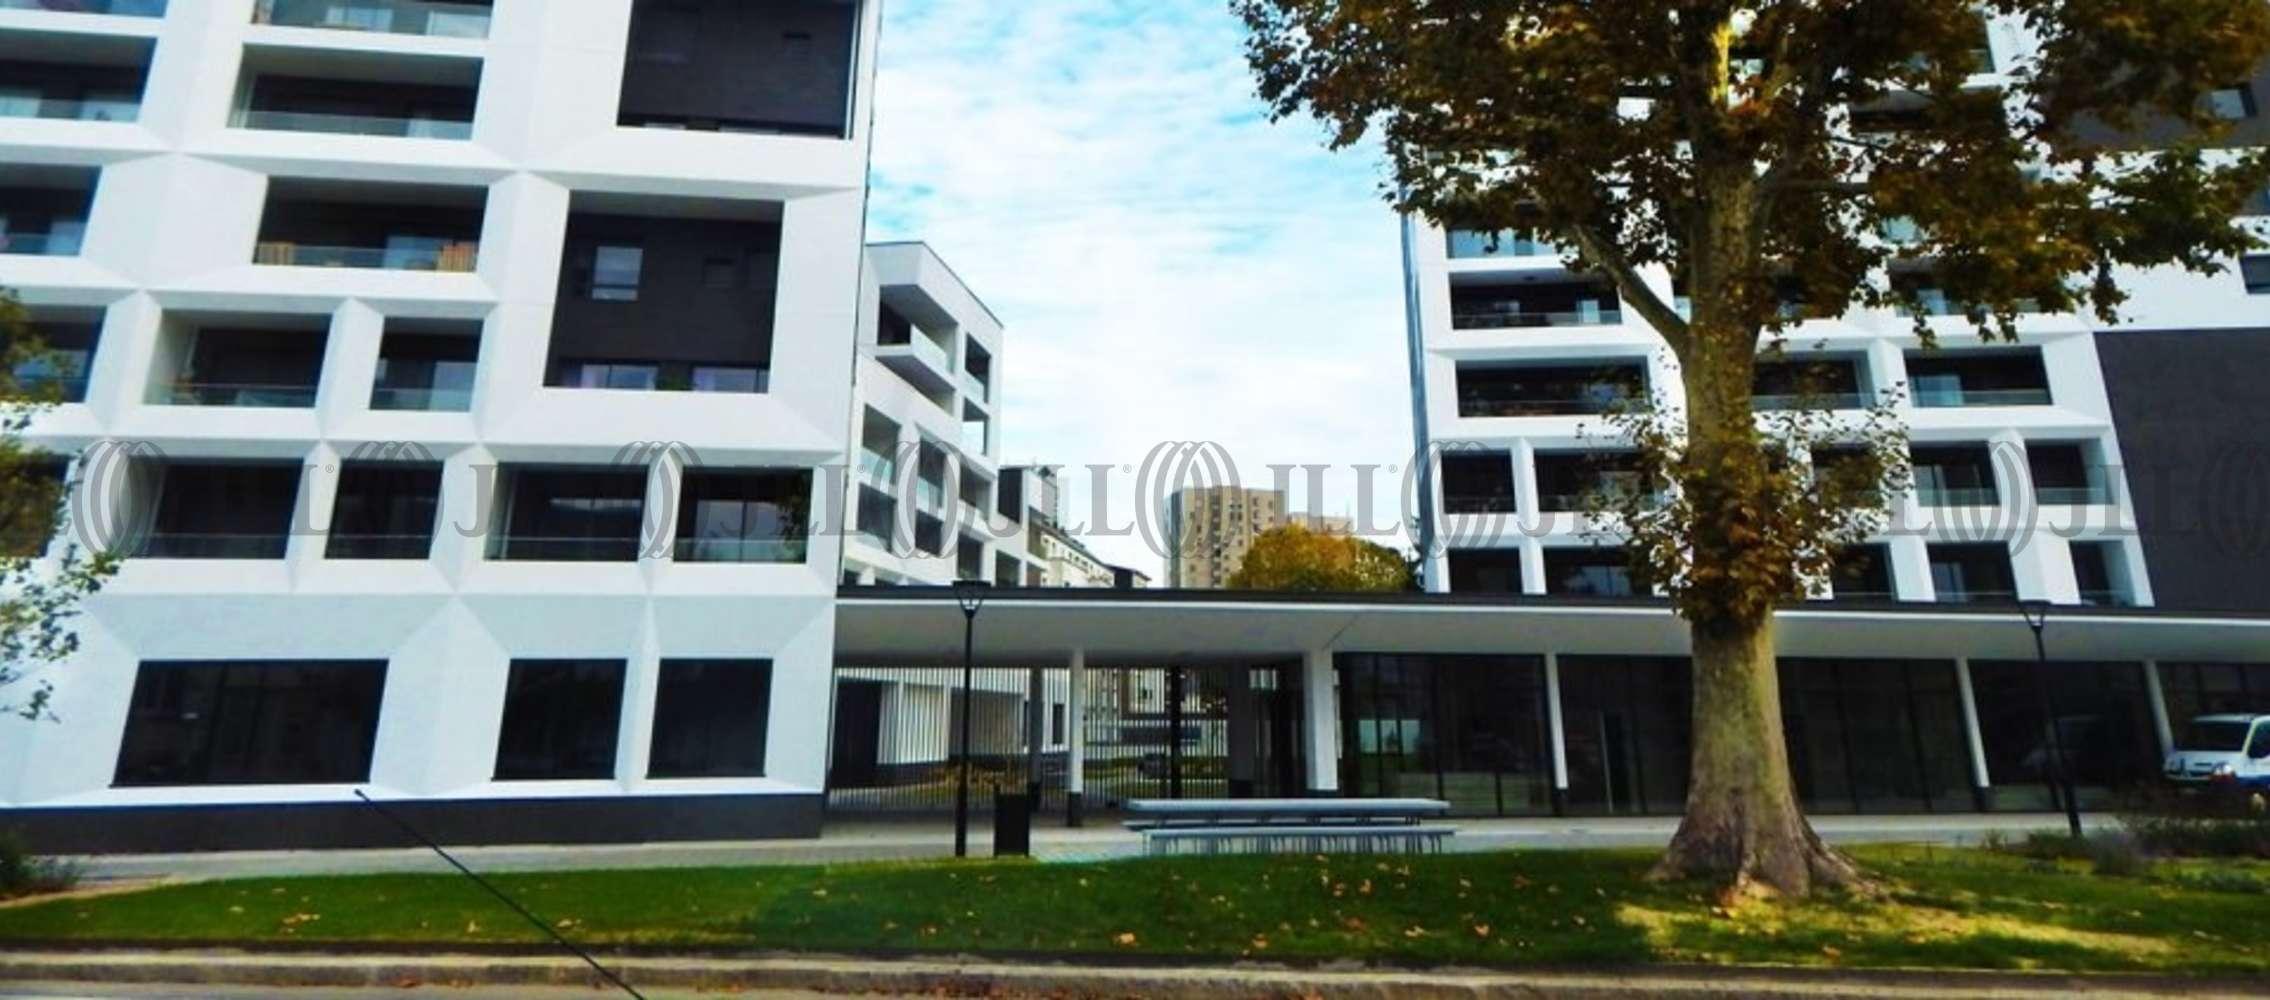 Activités/entrepôt Nantes, 44000 - RUE DE L'ALLIER - RUE DE L'INDRE - 10804269